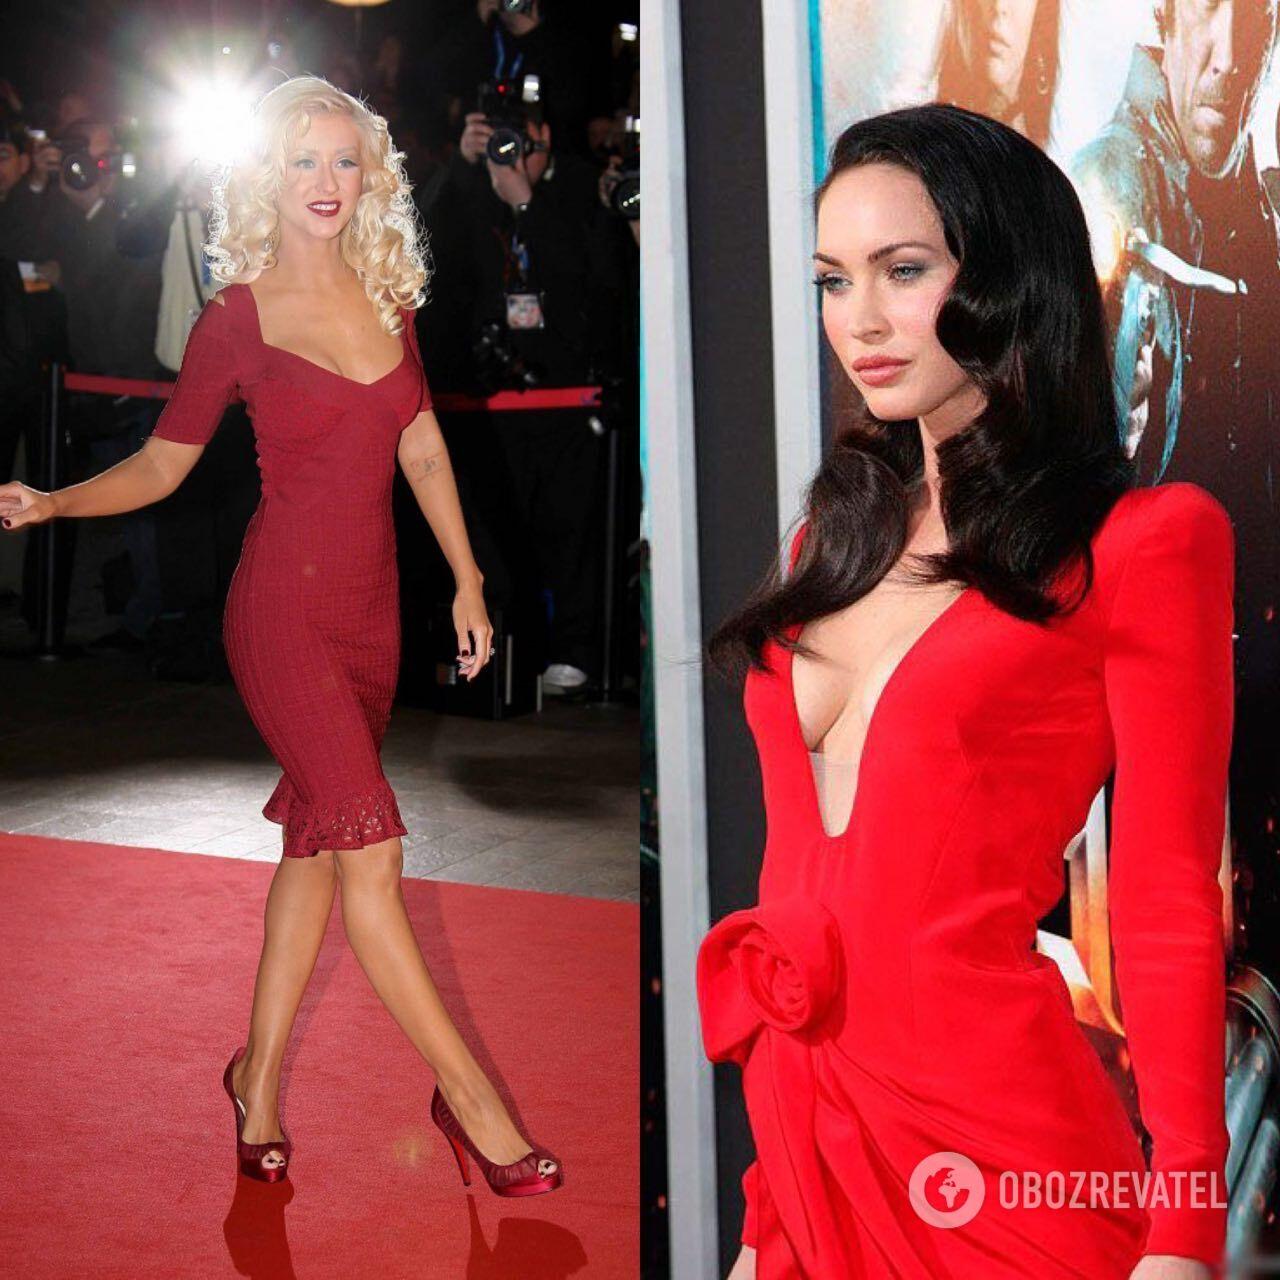 Меган Фокс и Кристина Агилера вышли на ковровую дорожку в соблазнительных красных платьях.